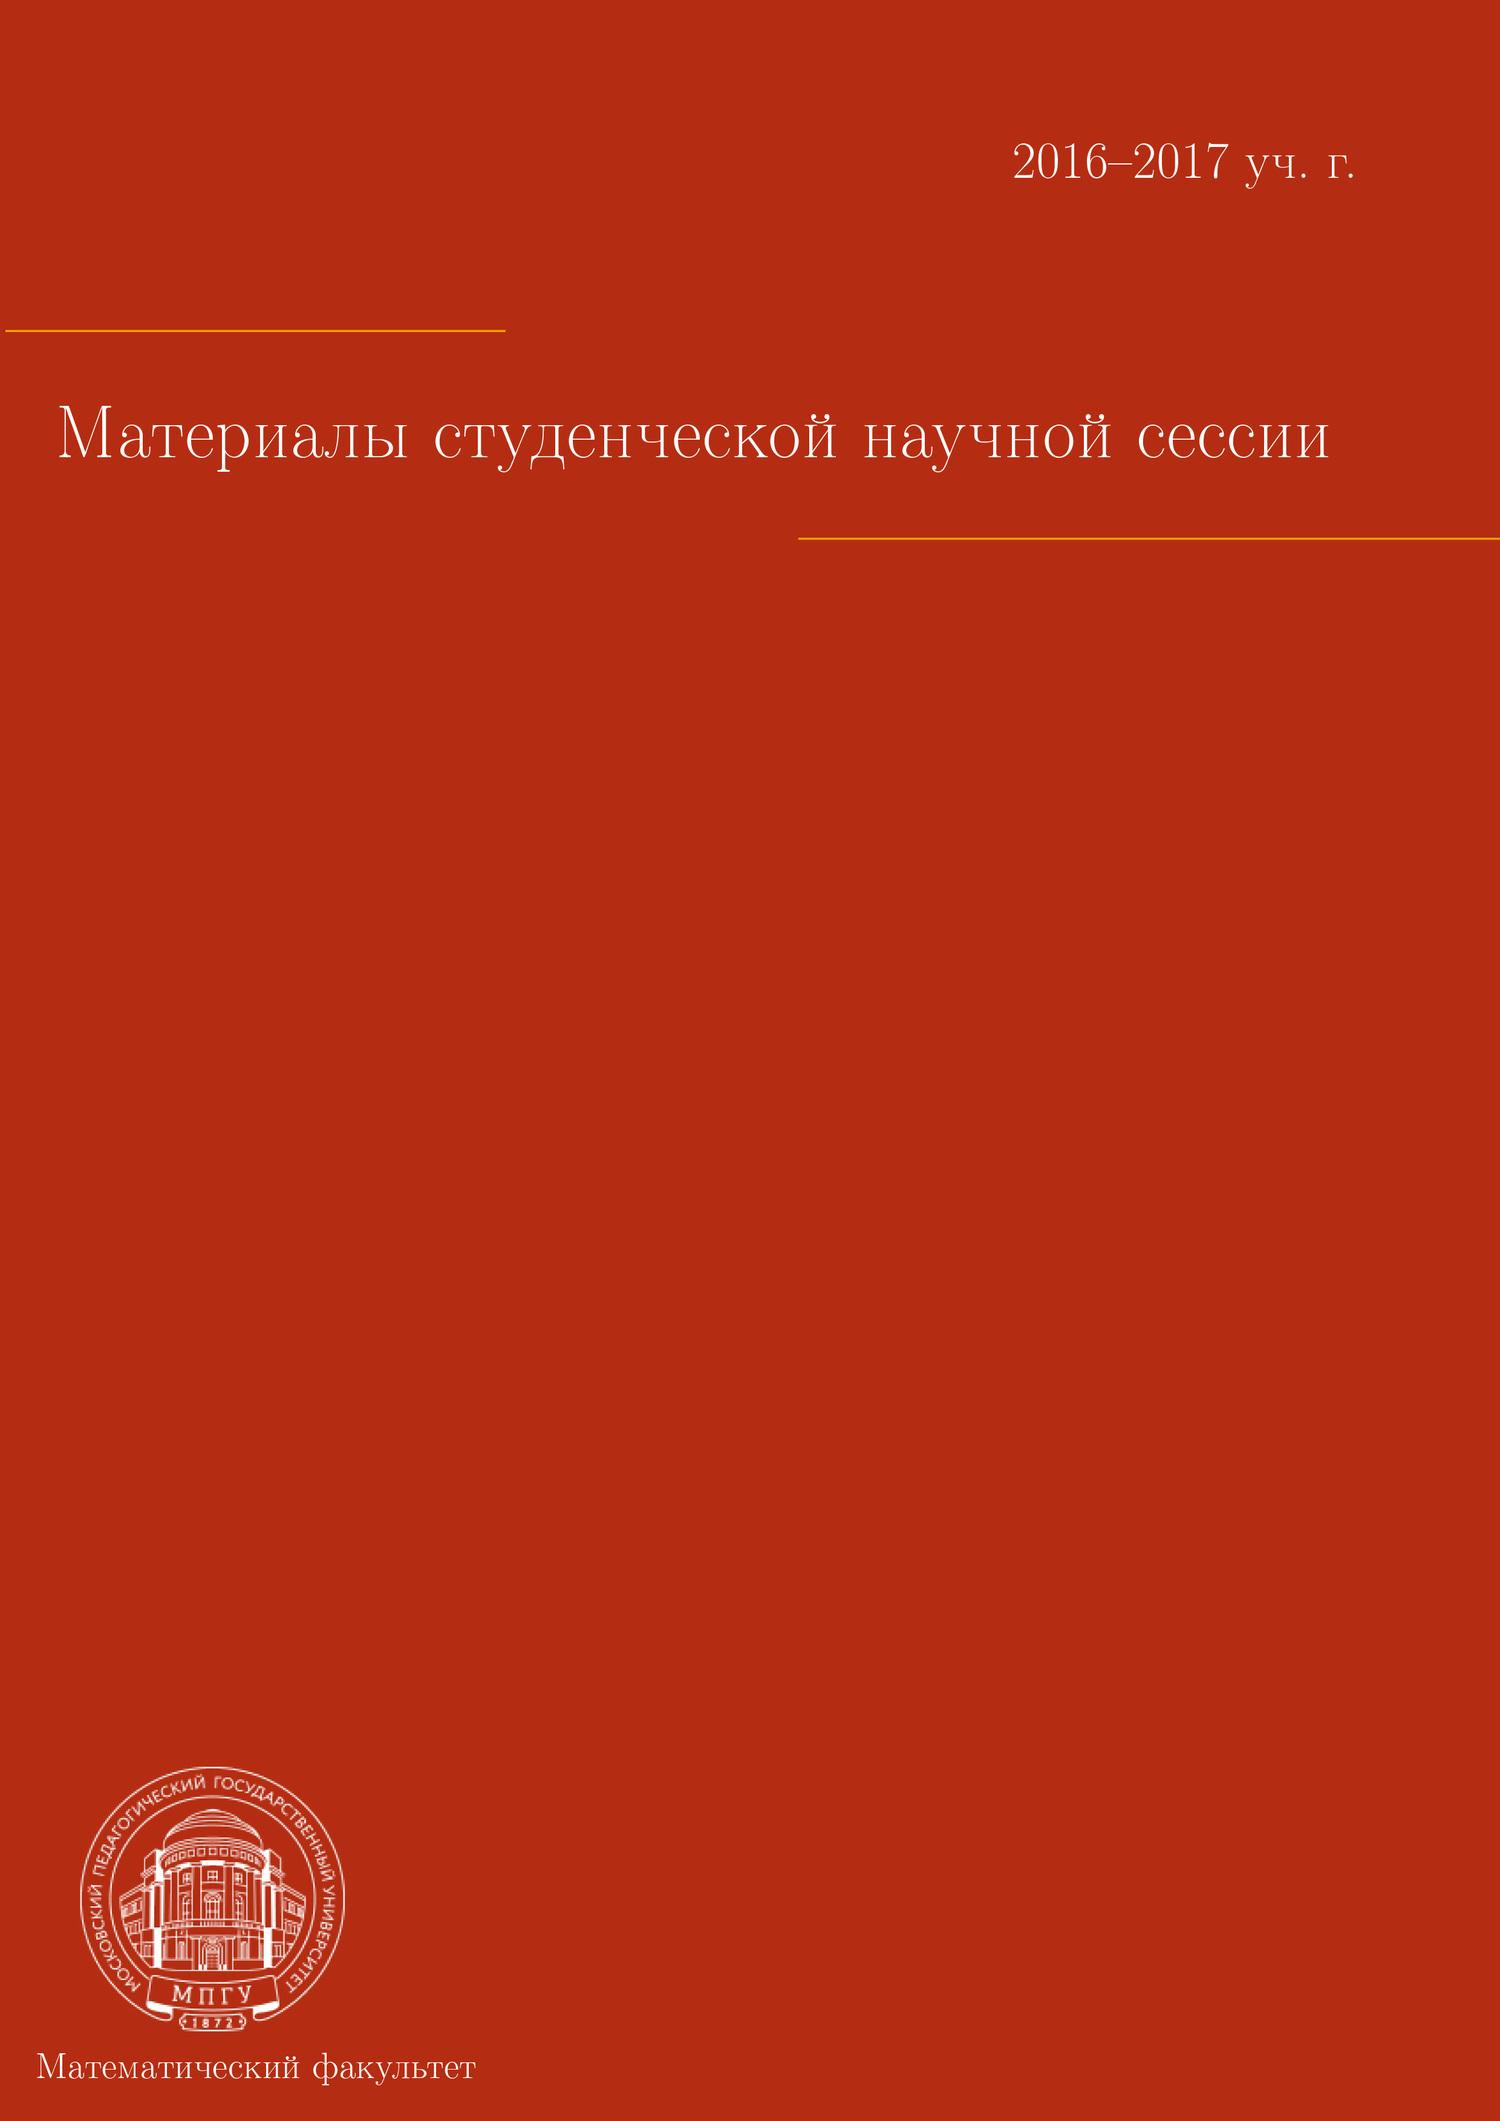 Материалы студенческой научной сессии, г. Москва, 03-08 апреля 2017 г.